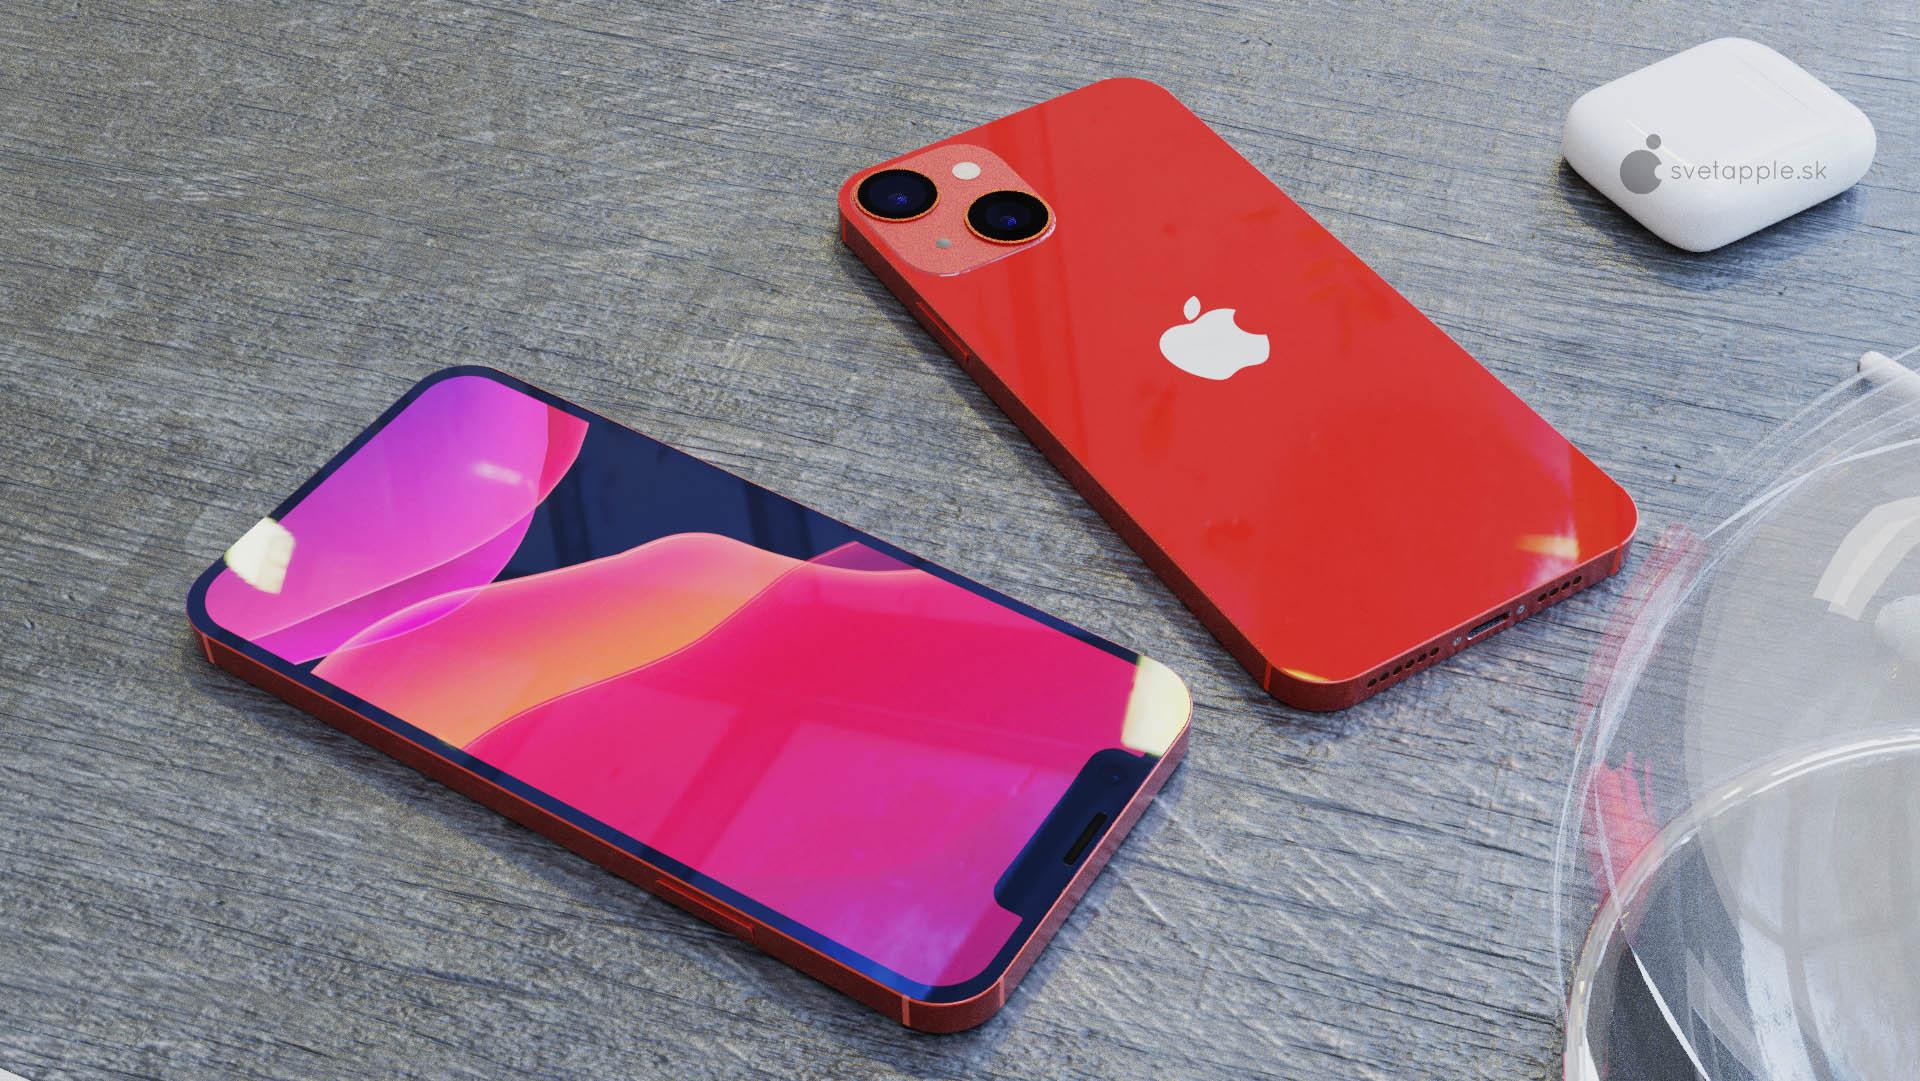 most anticipated phones: iphone 13